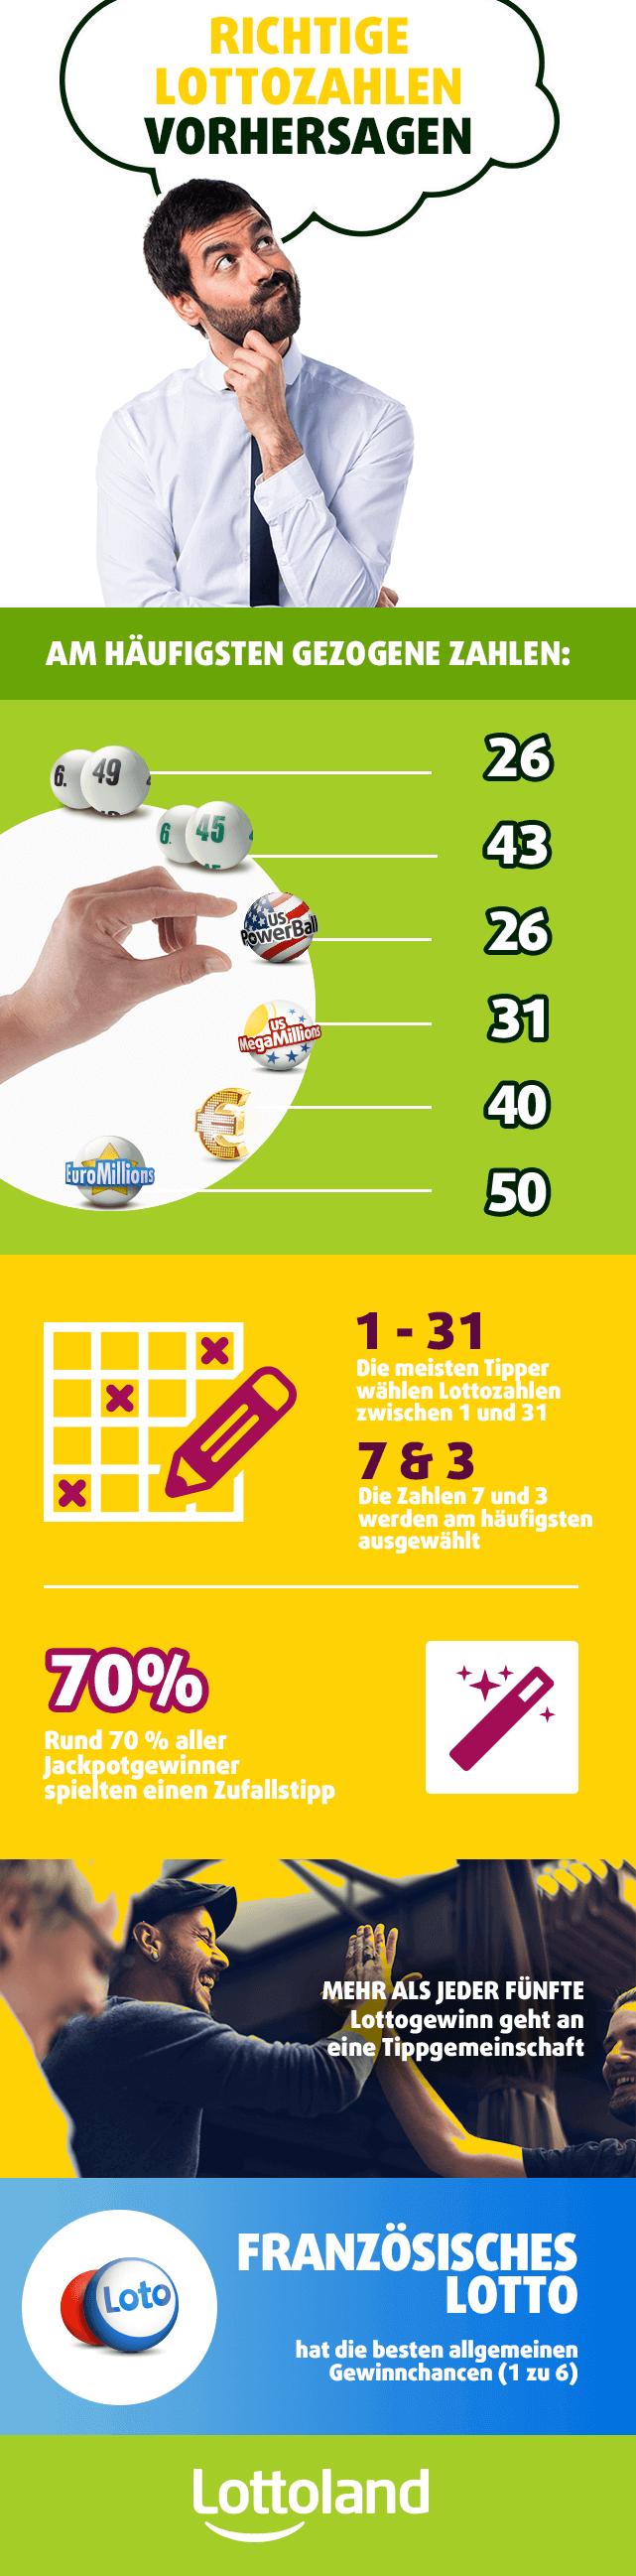 Infografik mit den am häufigsten gezogenen Lottozahlen